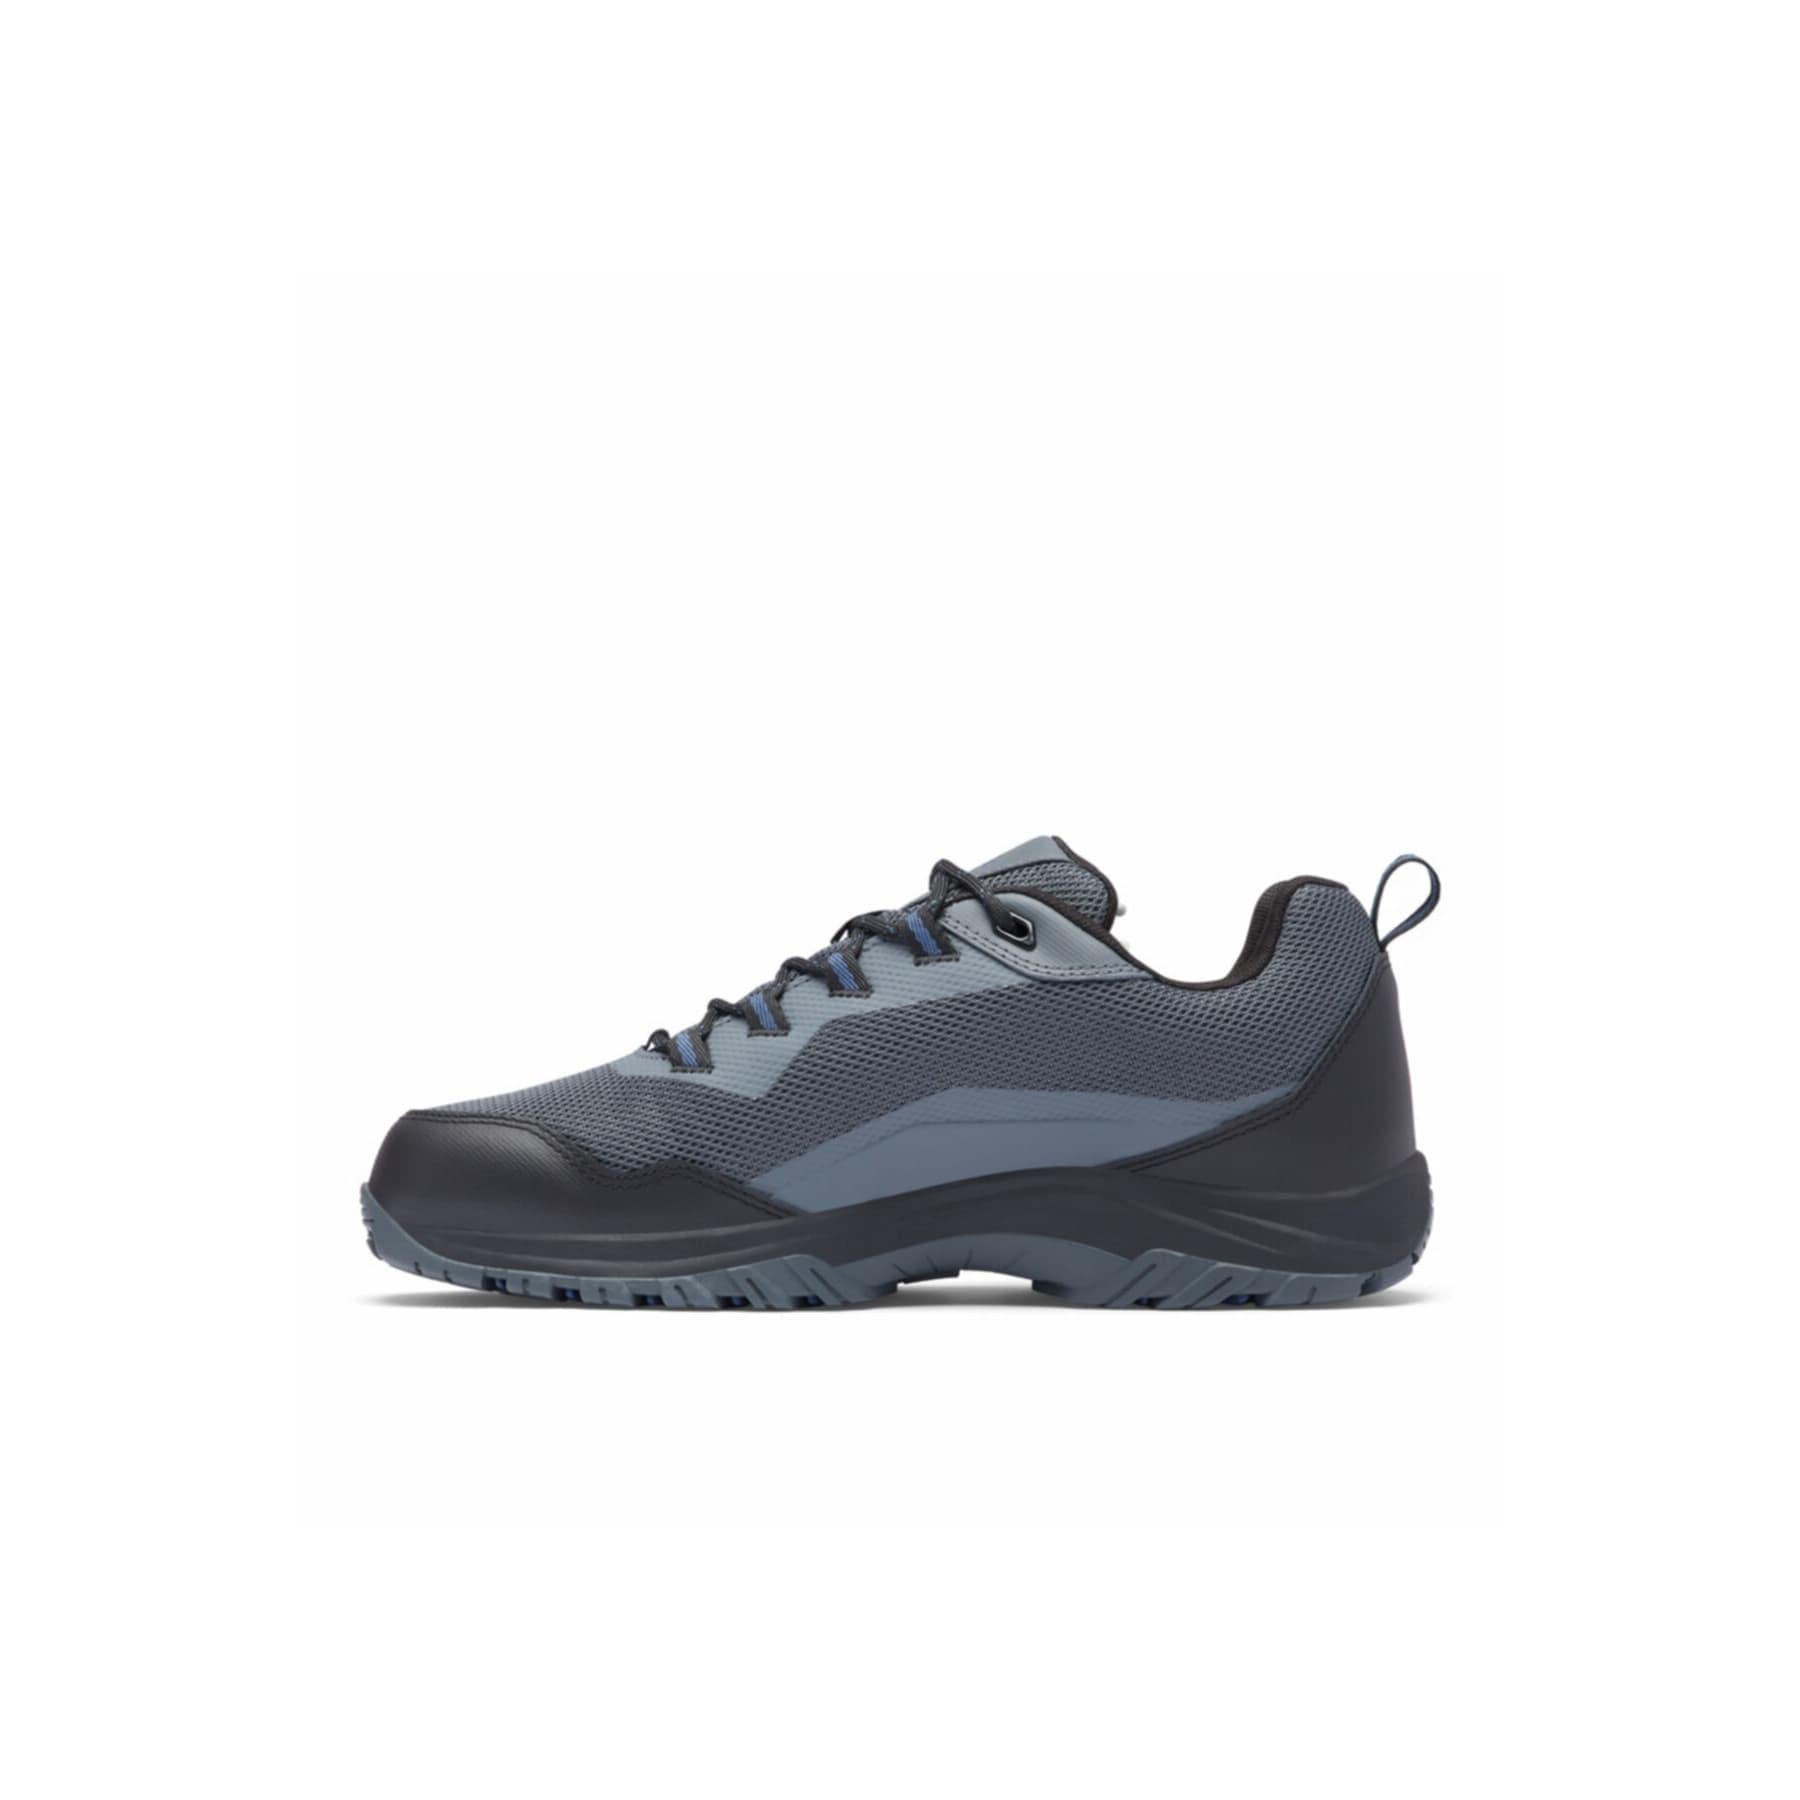 Centerra WP Erkek Outdoor Ayakkabı (BM0124 - 053)